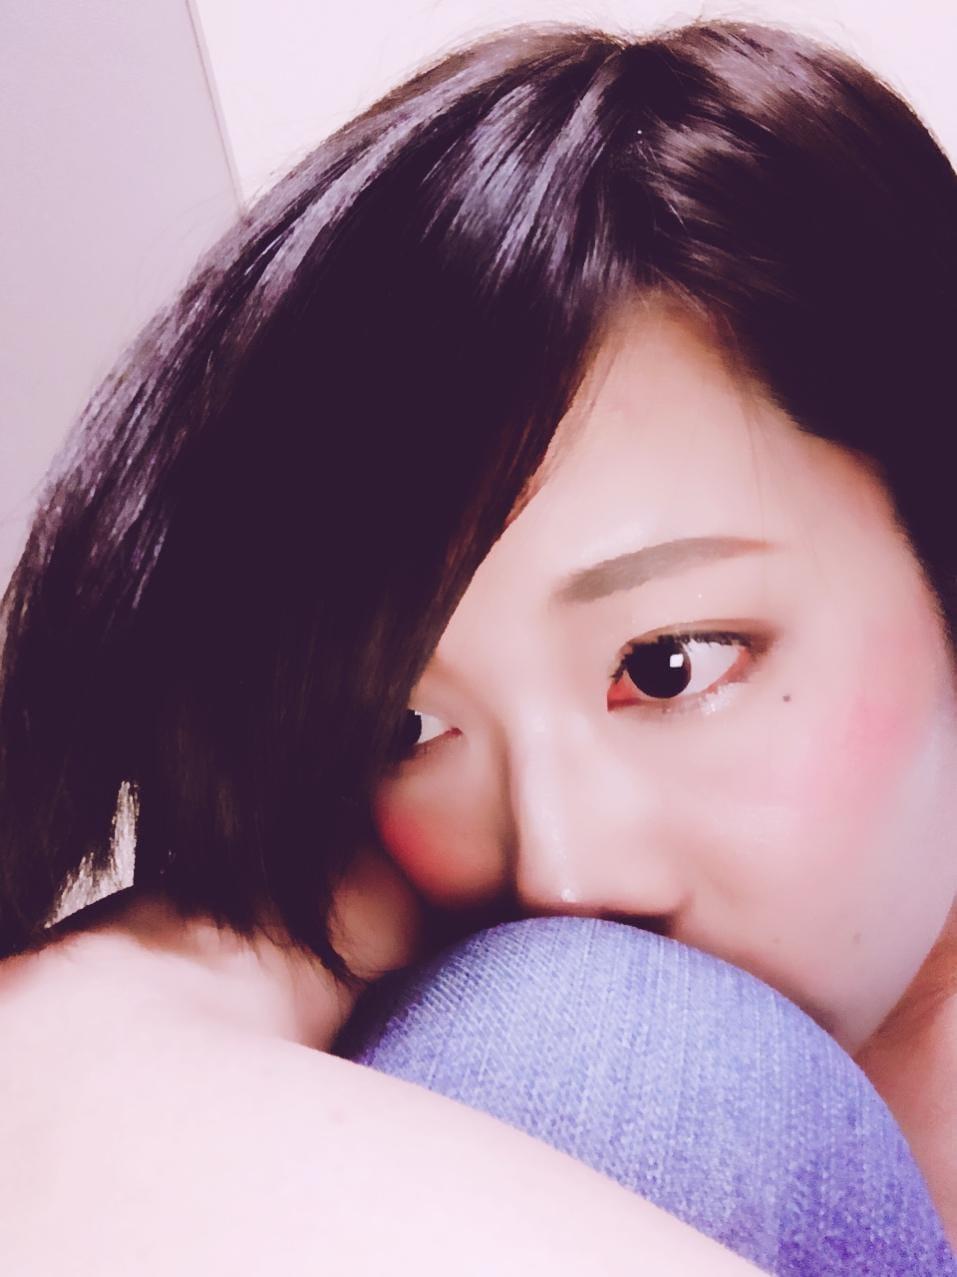 「ありがとうございました!」05/23(水) 03:54 | 瑞希-みずきの写メ・風俗動画